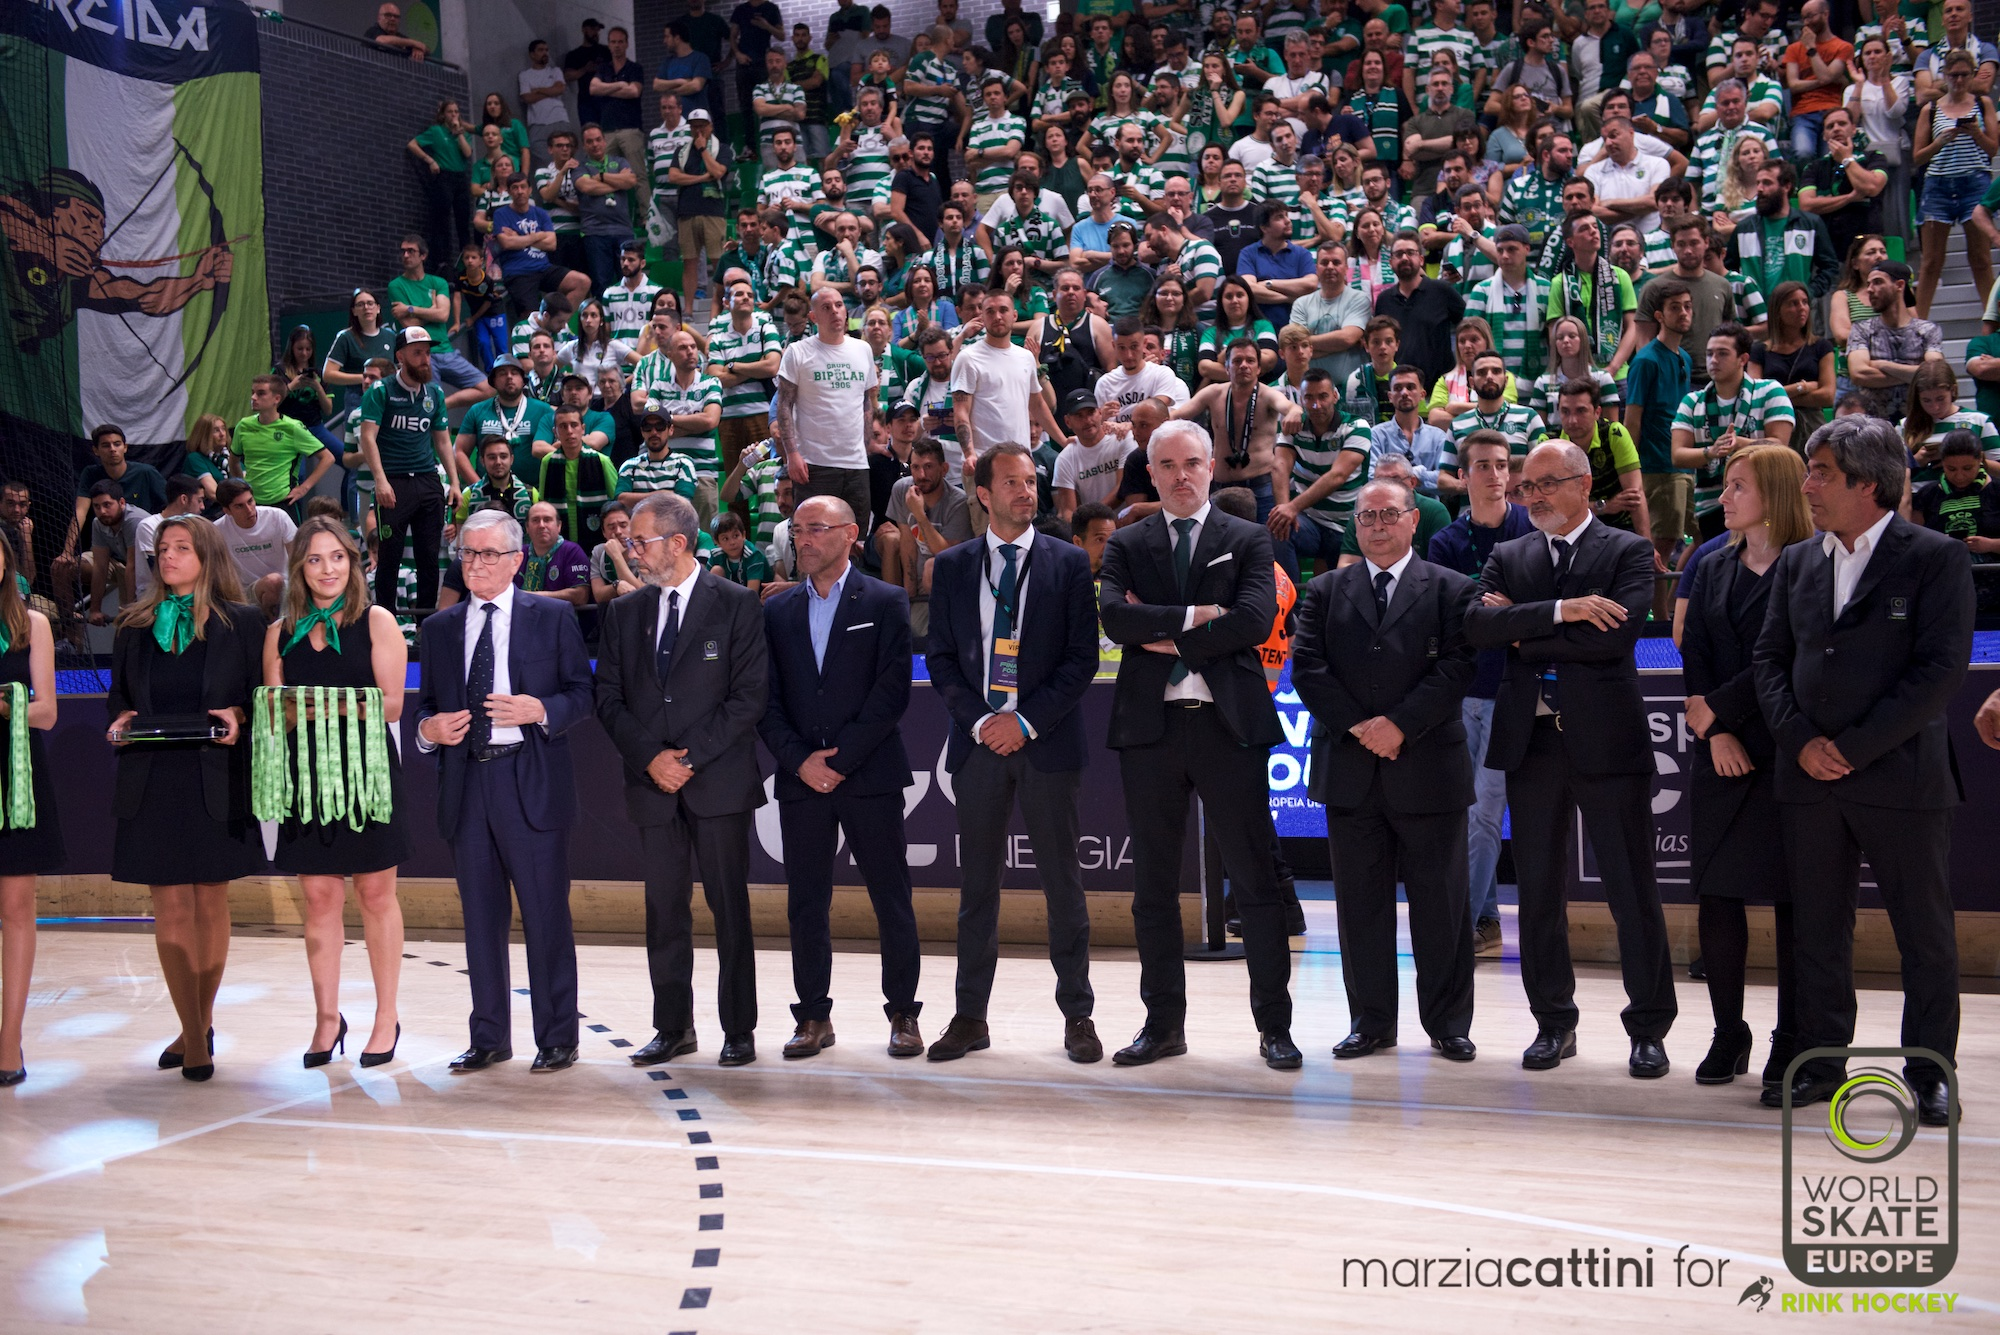 MarziaCattini19-05-12-awarding02